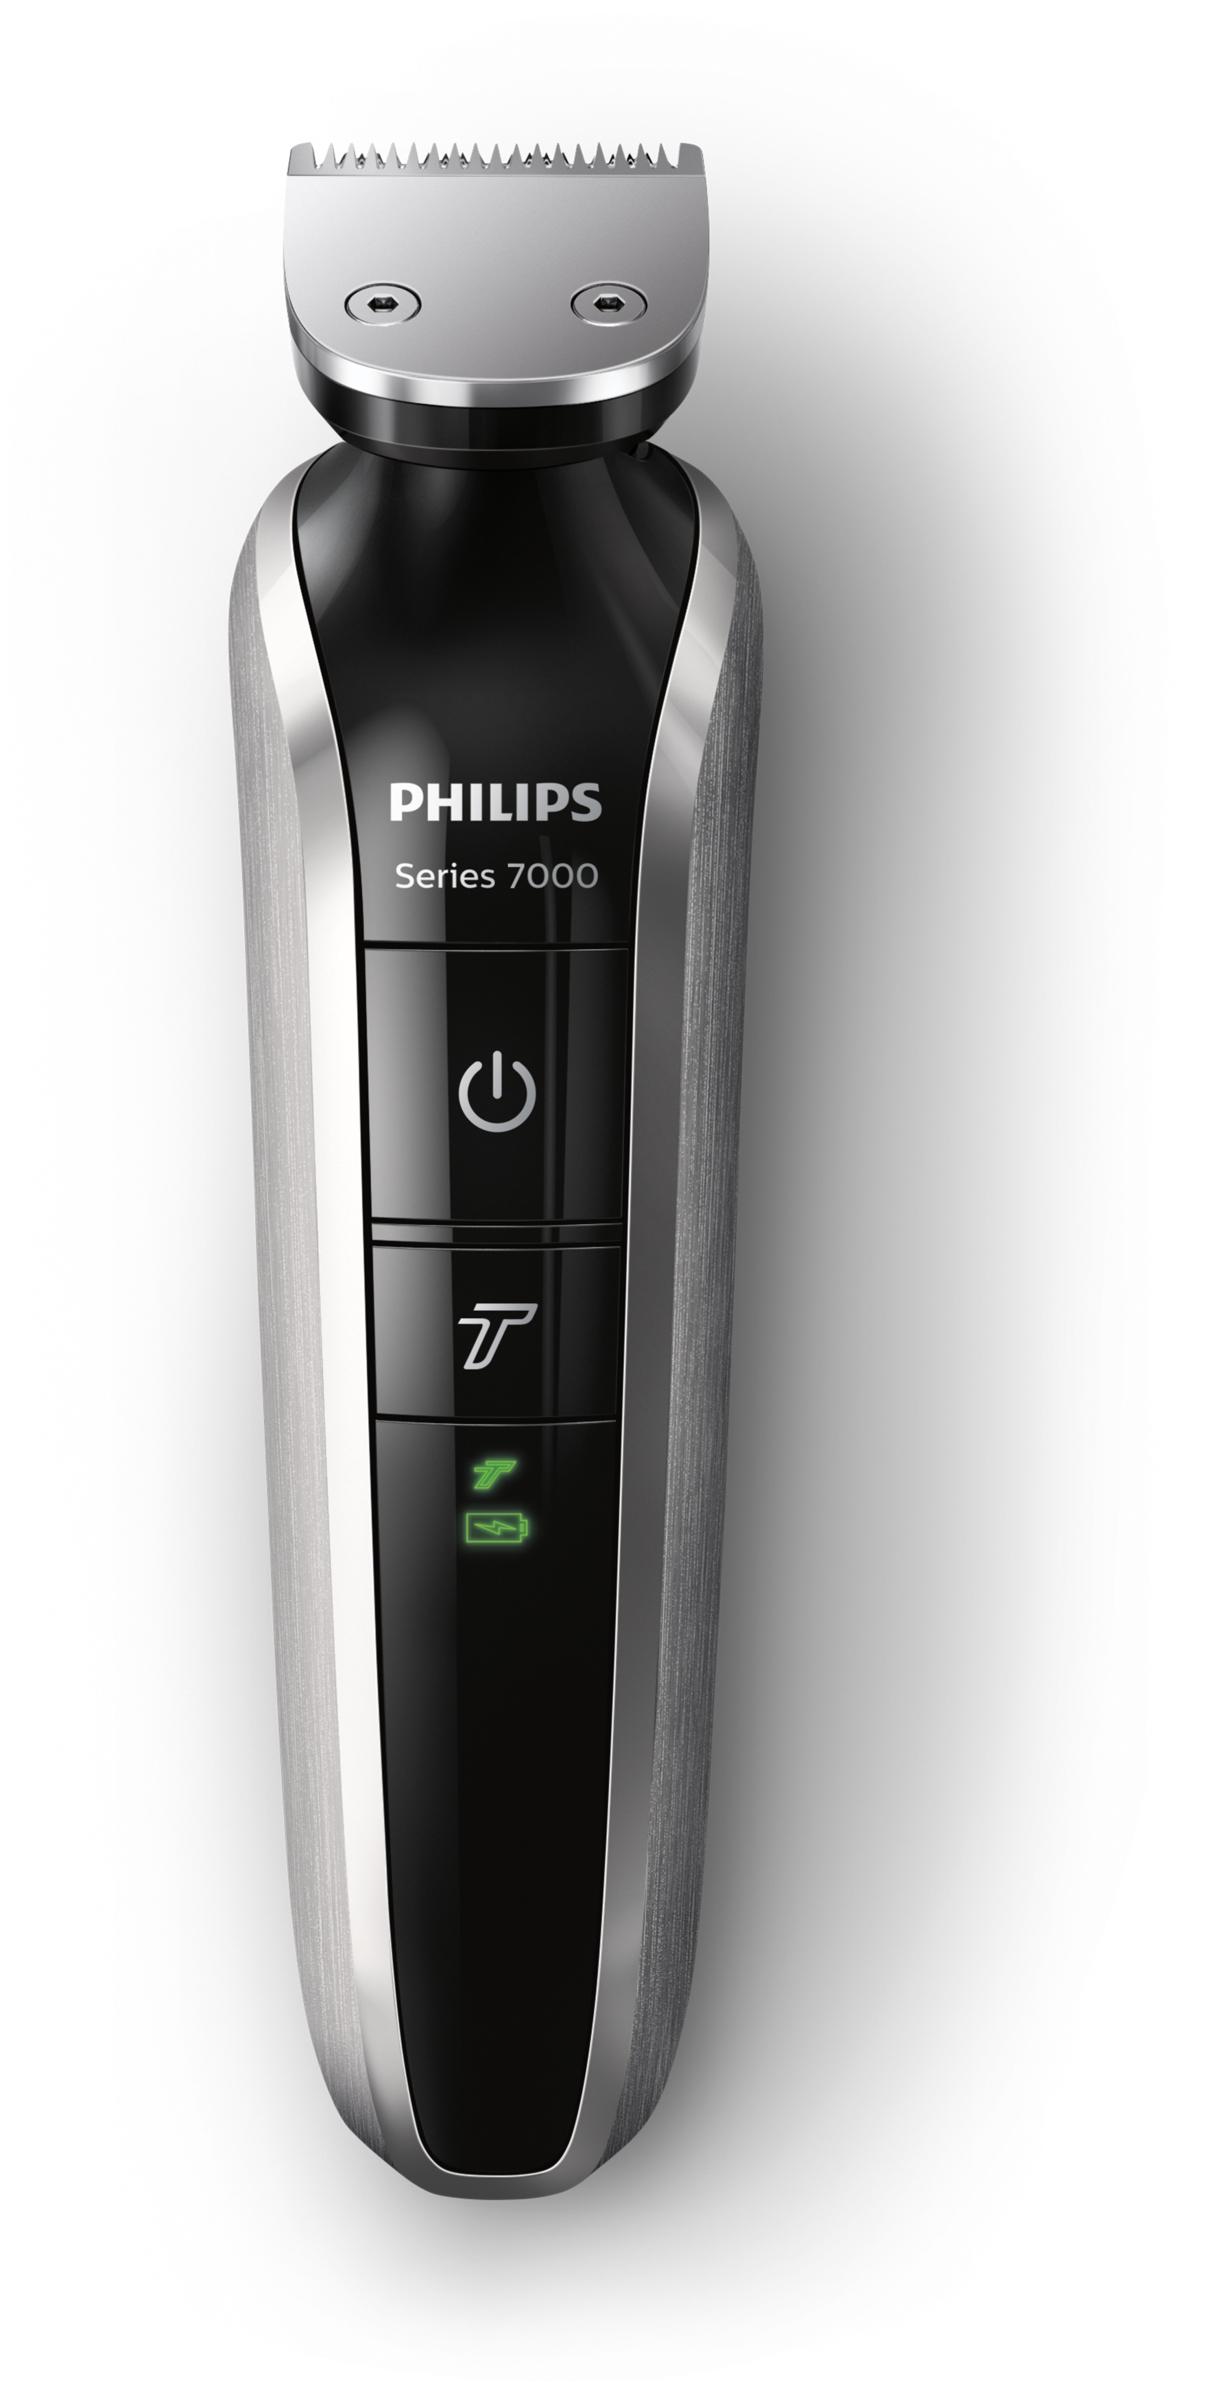 Aparador 10 em 1 Philips Serie 7000 QG3380 Produto01